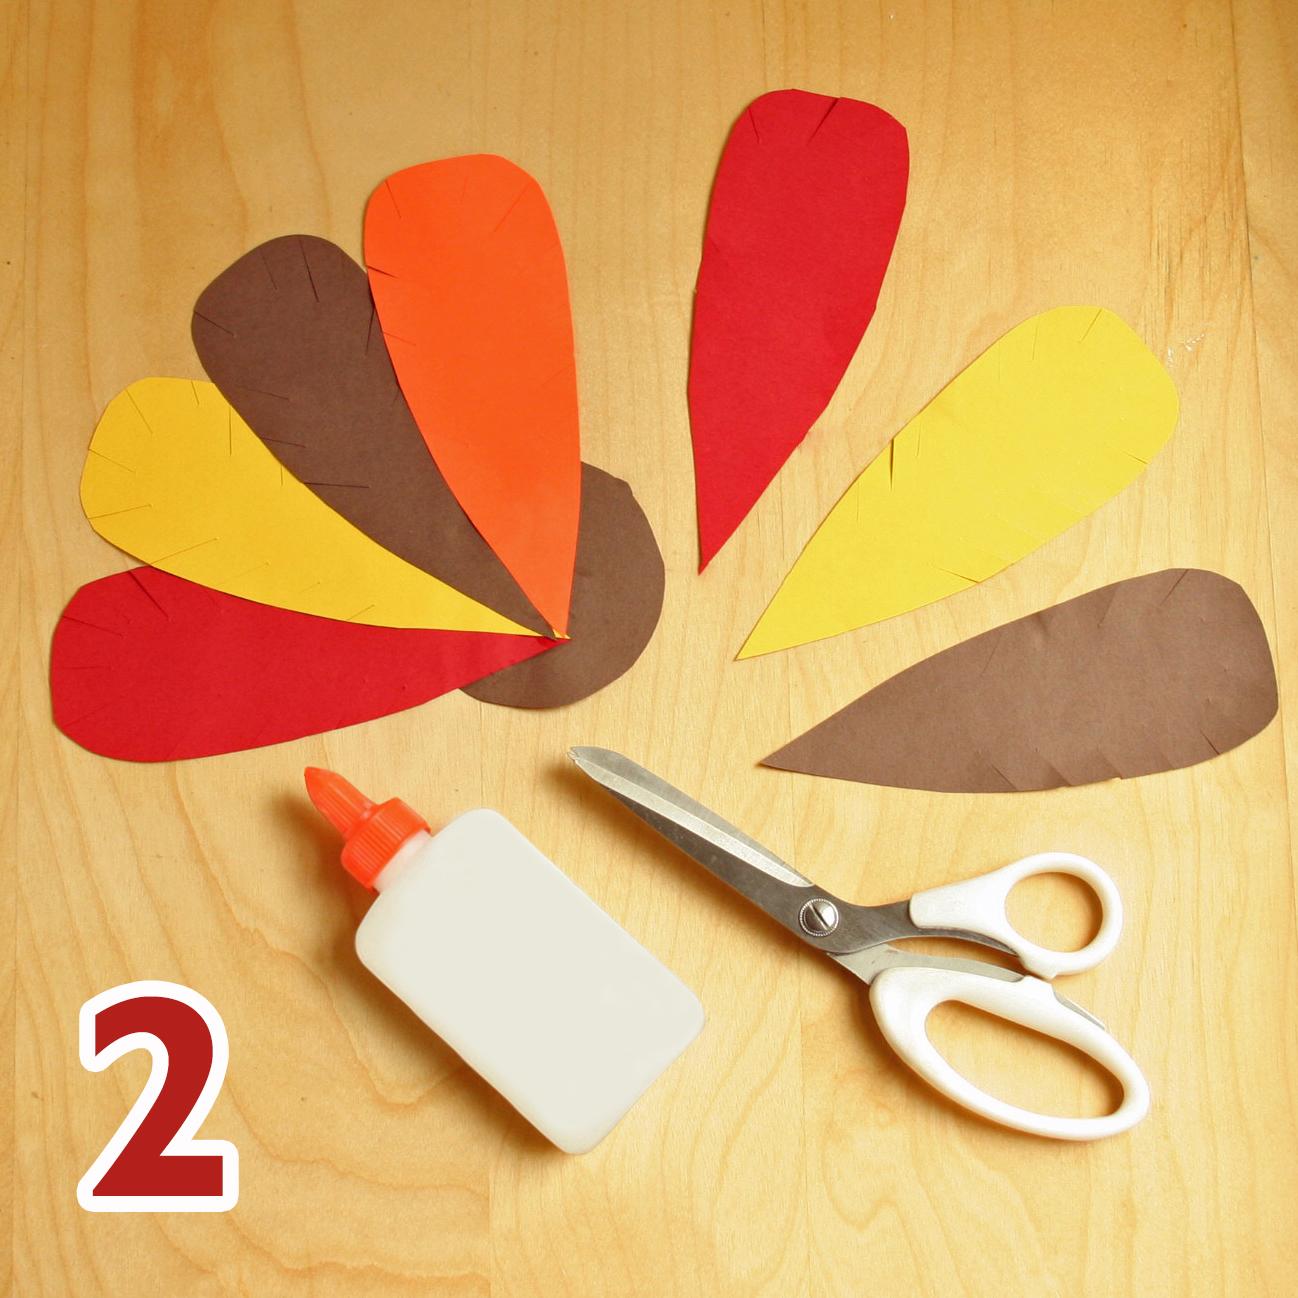 Thanksgiving turkey craft step 2